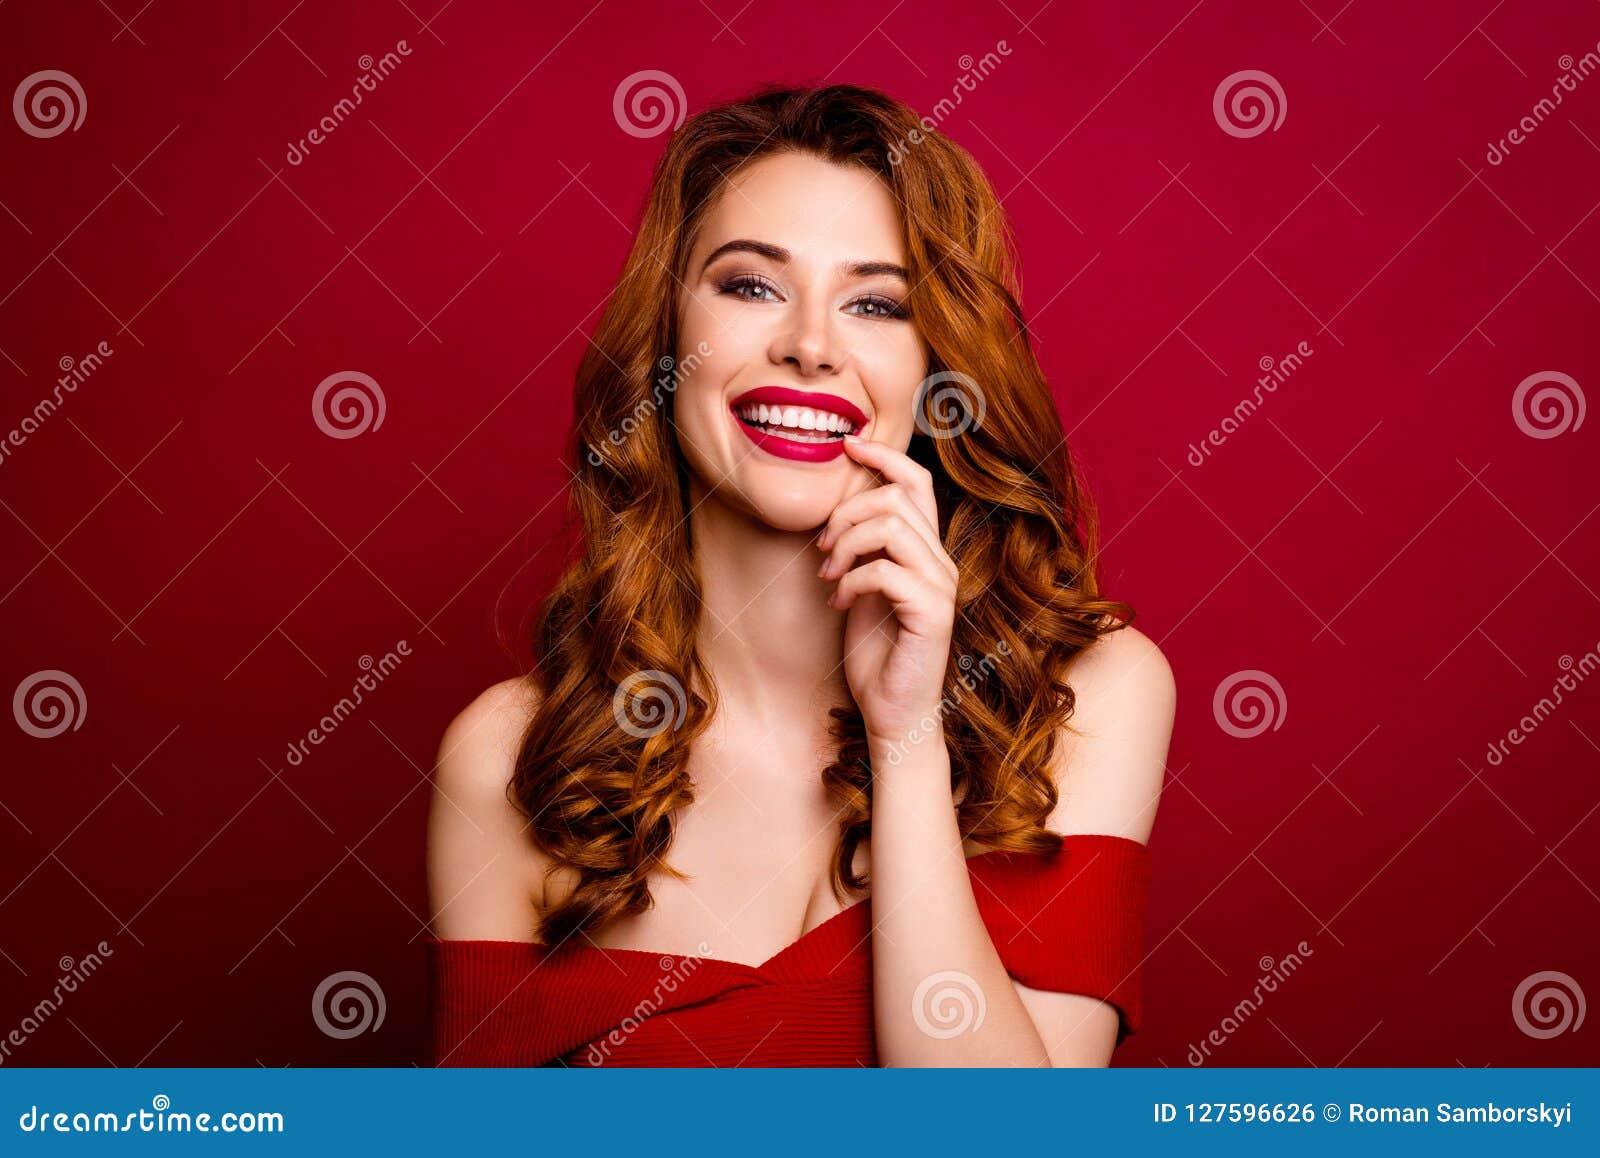 Πορτρέτο ελκυστικού, όμορφος, ονειροπόλος, γοητεία, επιτυχία σγουρή